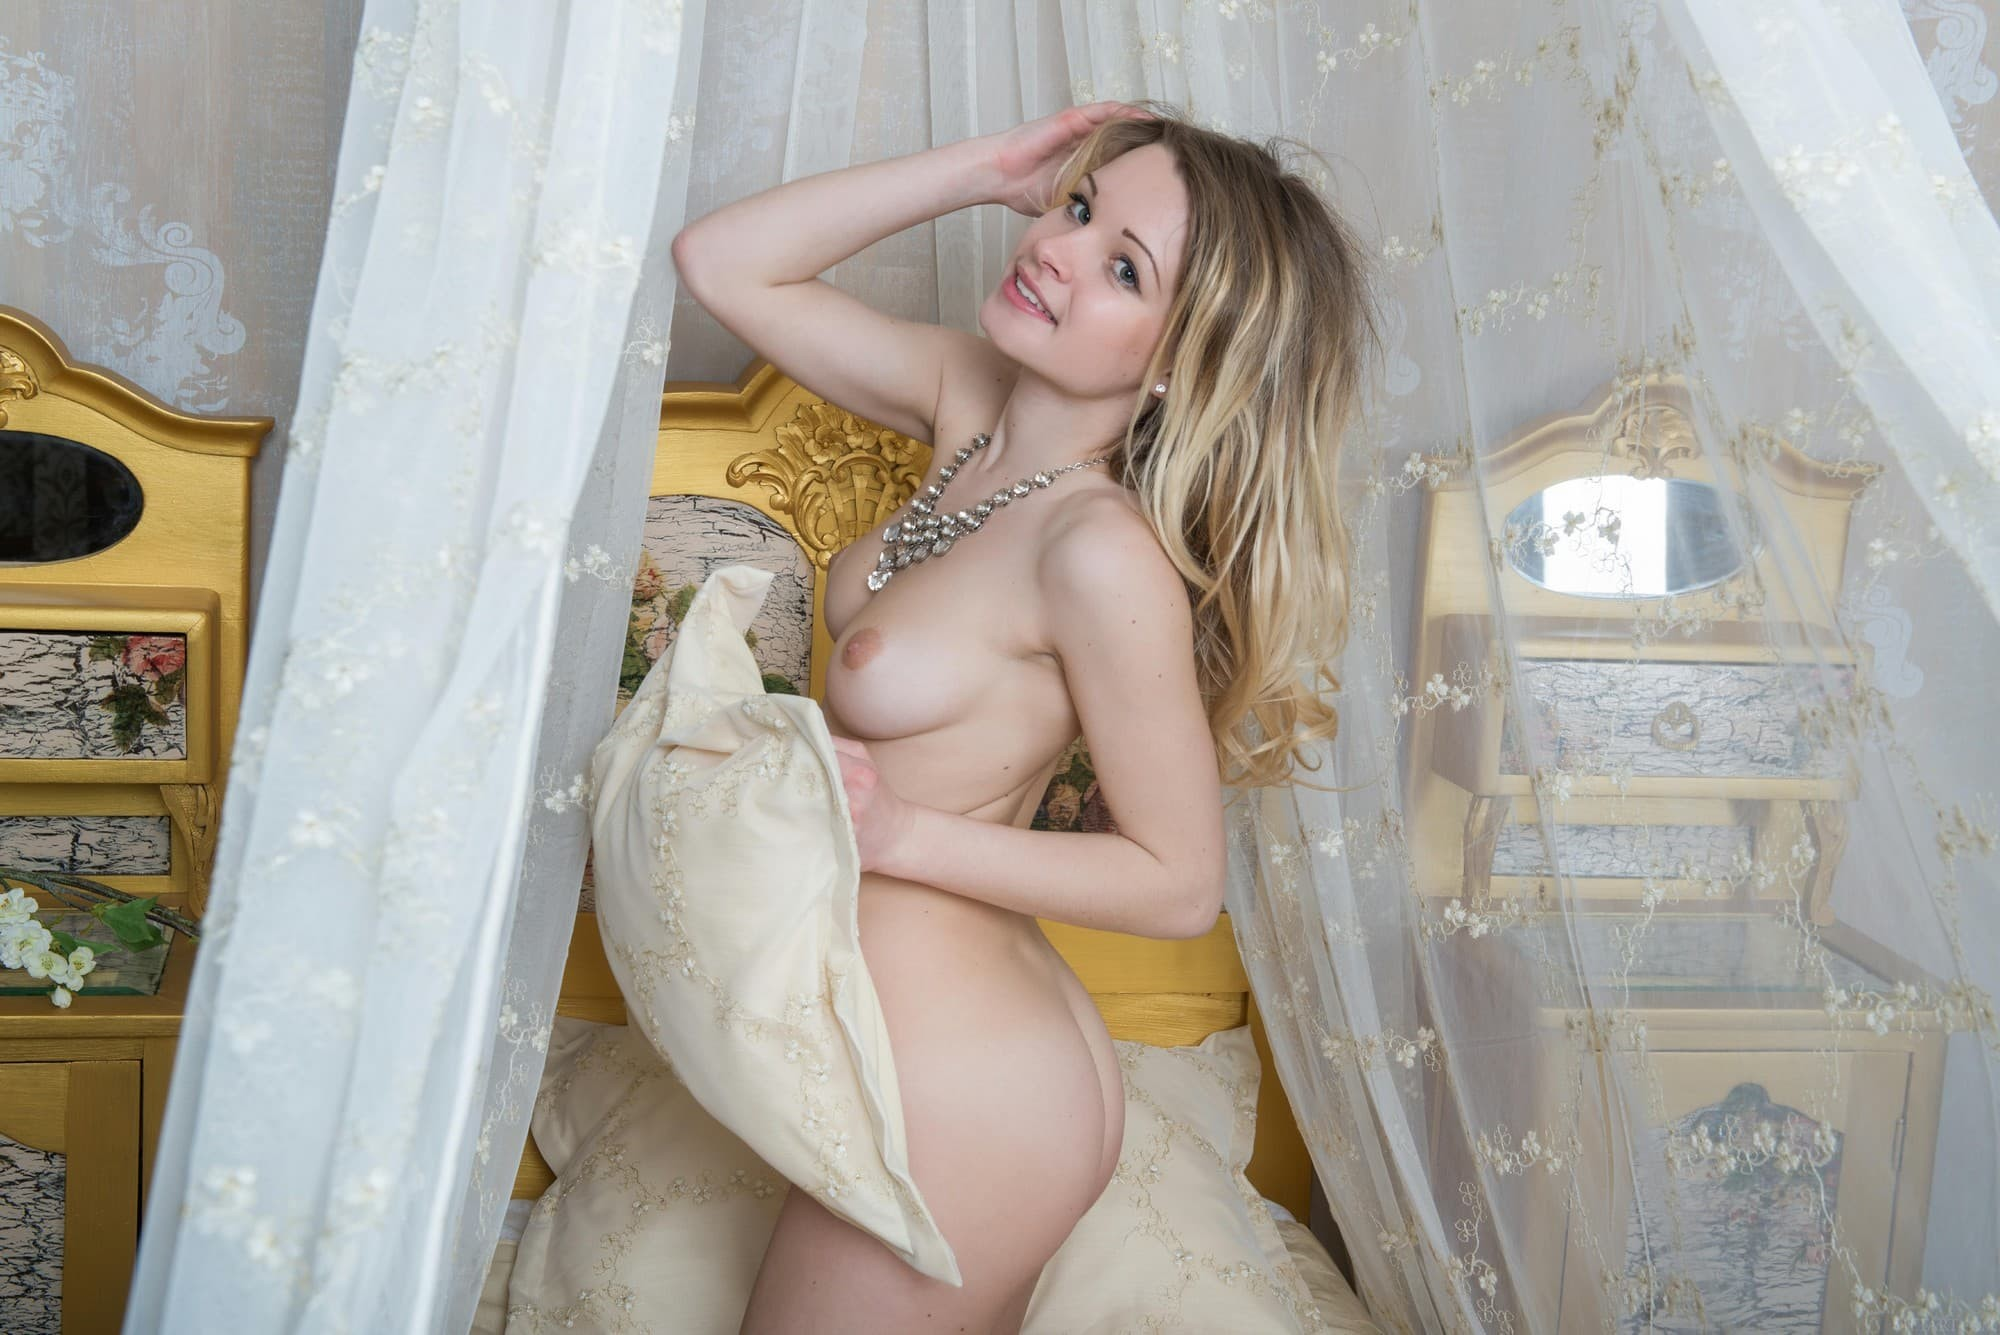 Сексапильная девица без одежды позирует на кровати - фото